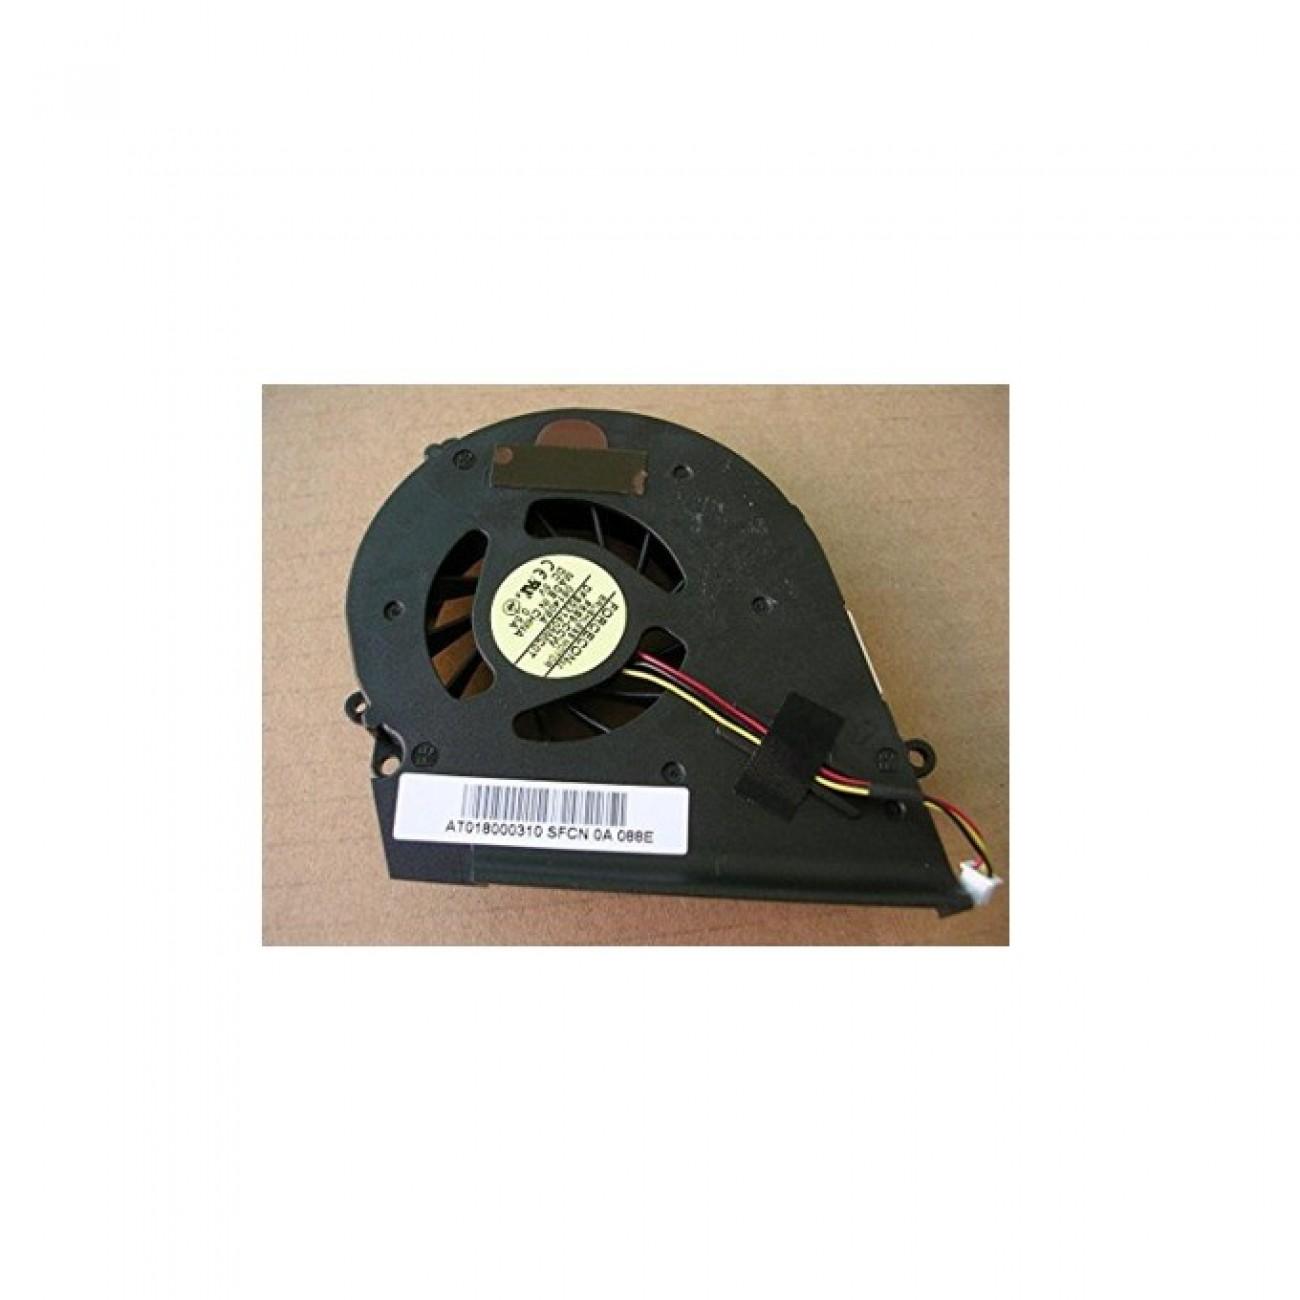 Вентилатор за лаптоп Toshiba Satellite L450 L450D L455 L455D в Резервни части -  | Alleop